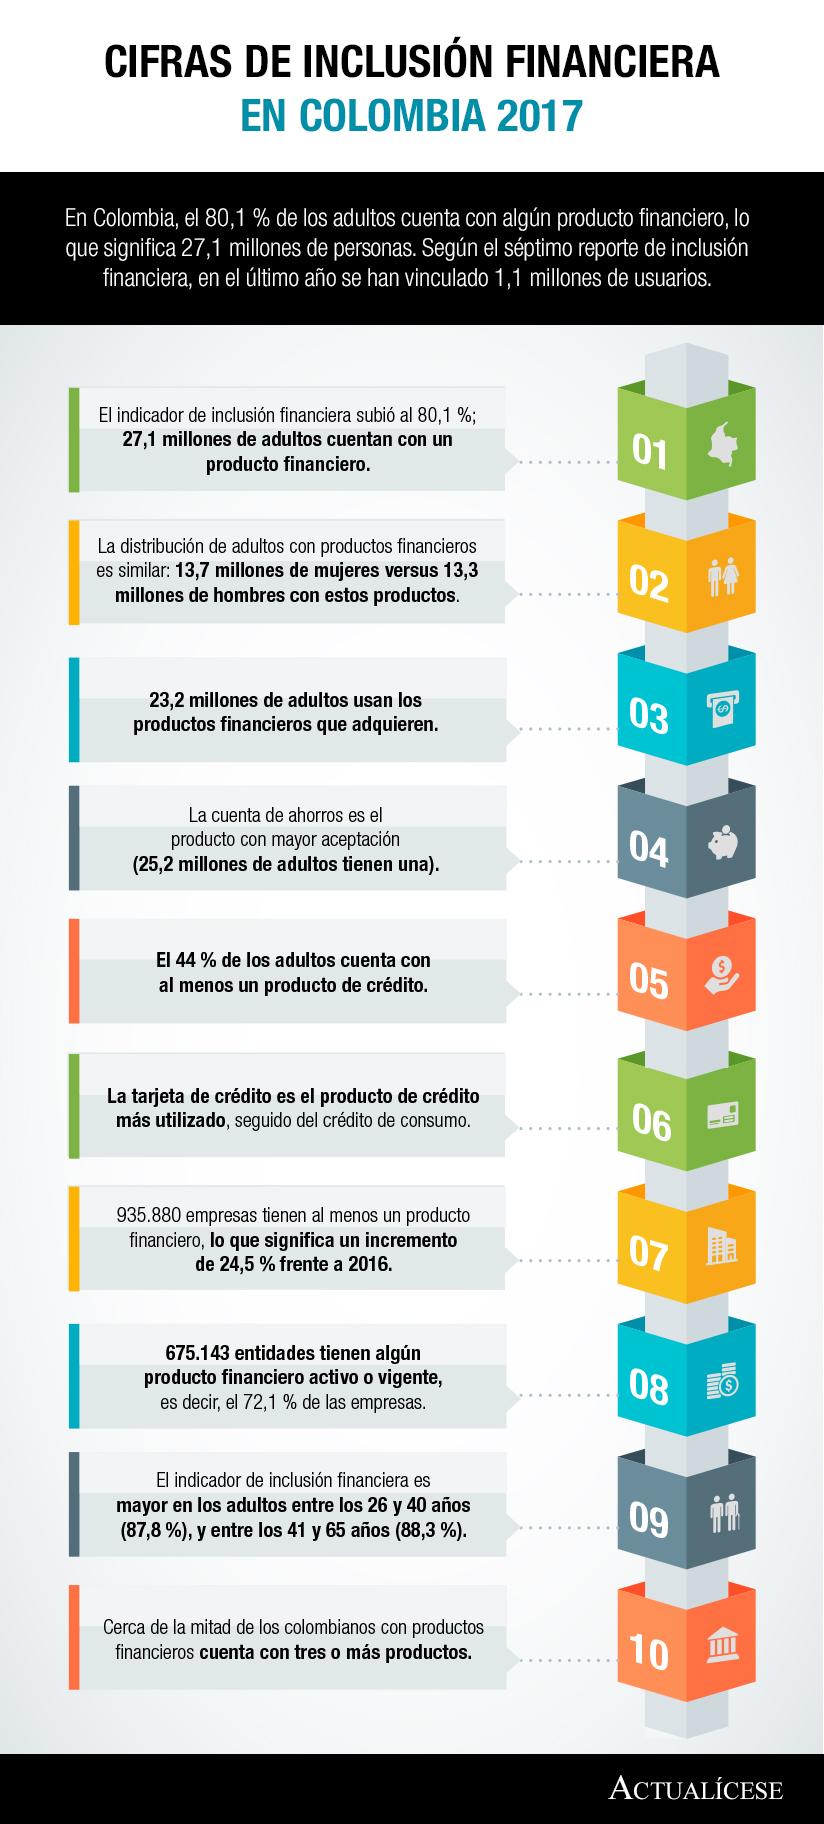 [Infografía] Cifras de inclusión financiera en Colombia 2017